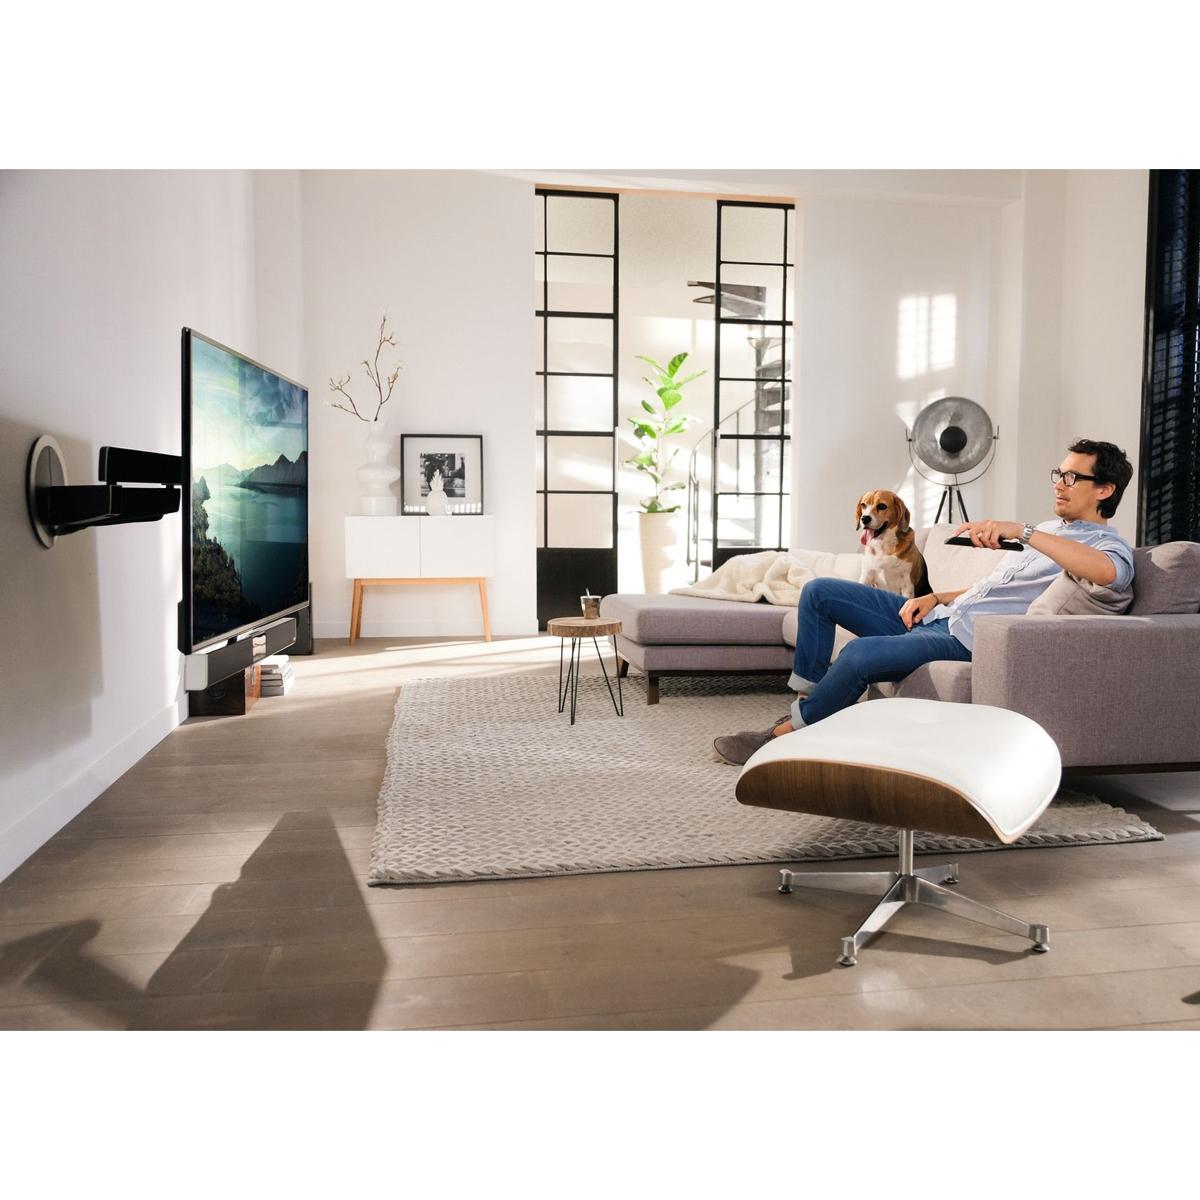 Fernseh-Wandhalter ellektrisch schwenkbar mit Soundbar inkl. Subwoofer. Modell Next 8375 von Vogels.